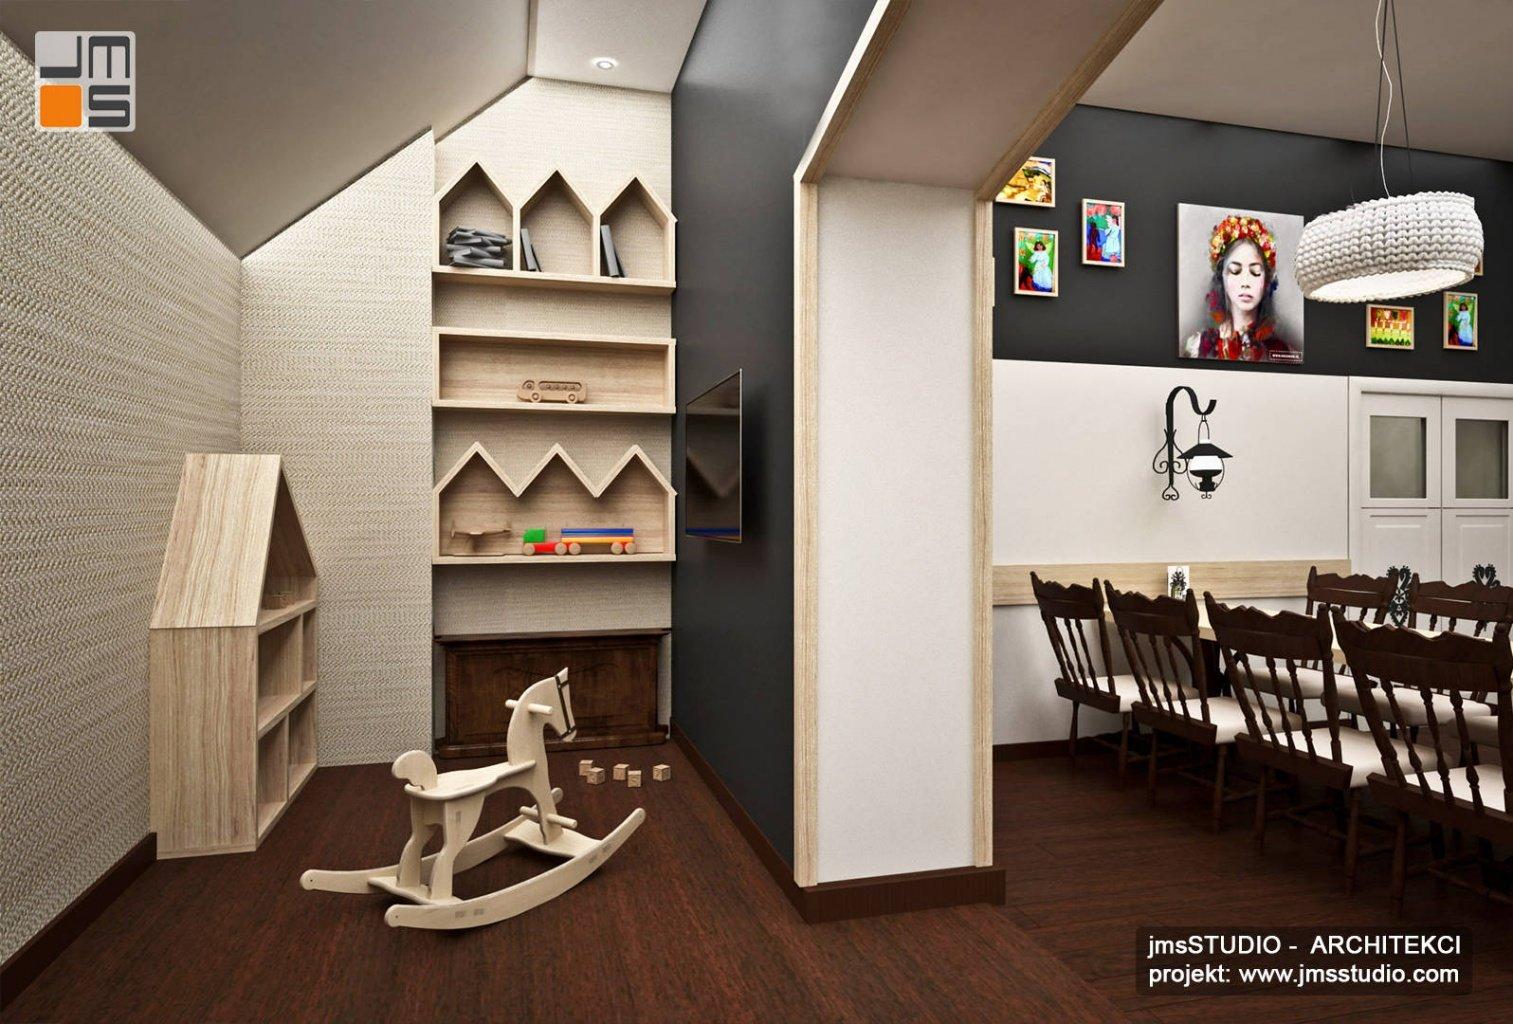 kącik zabaw dla dzieci w projekt restauracji nowoczesnej w stylu góralskim z konik na biegunach z drewna